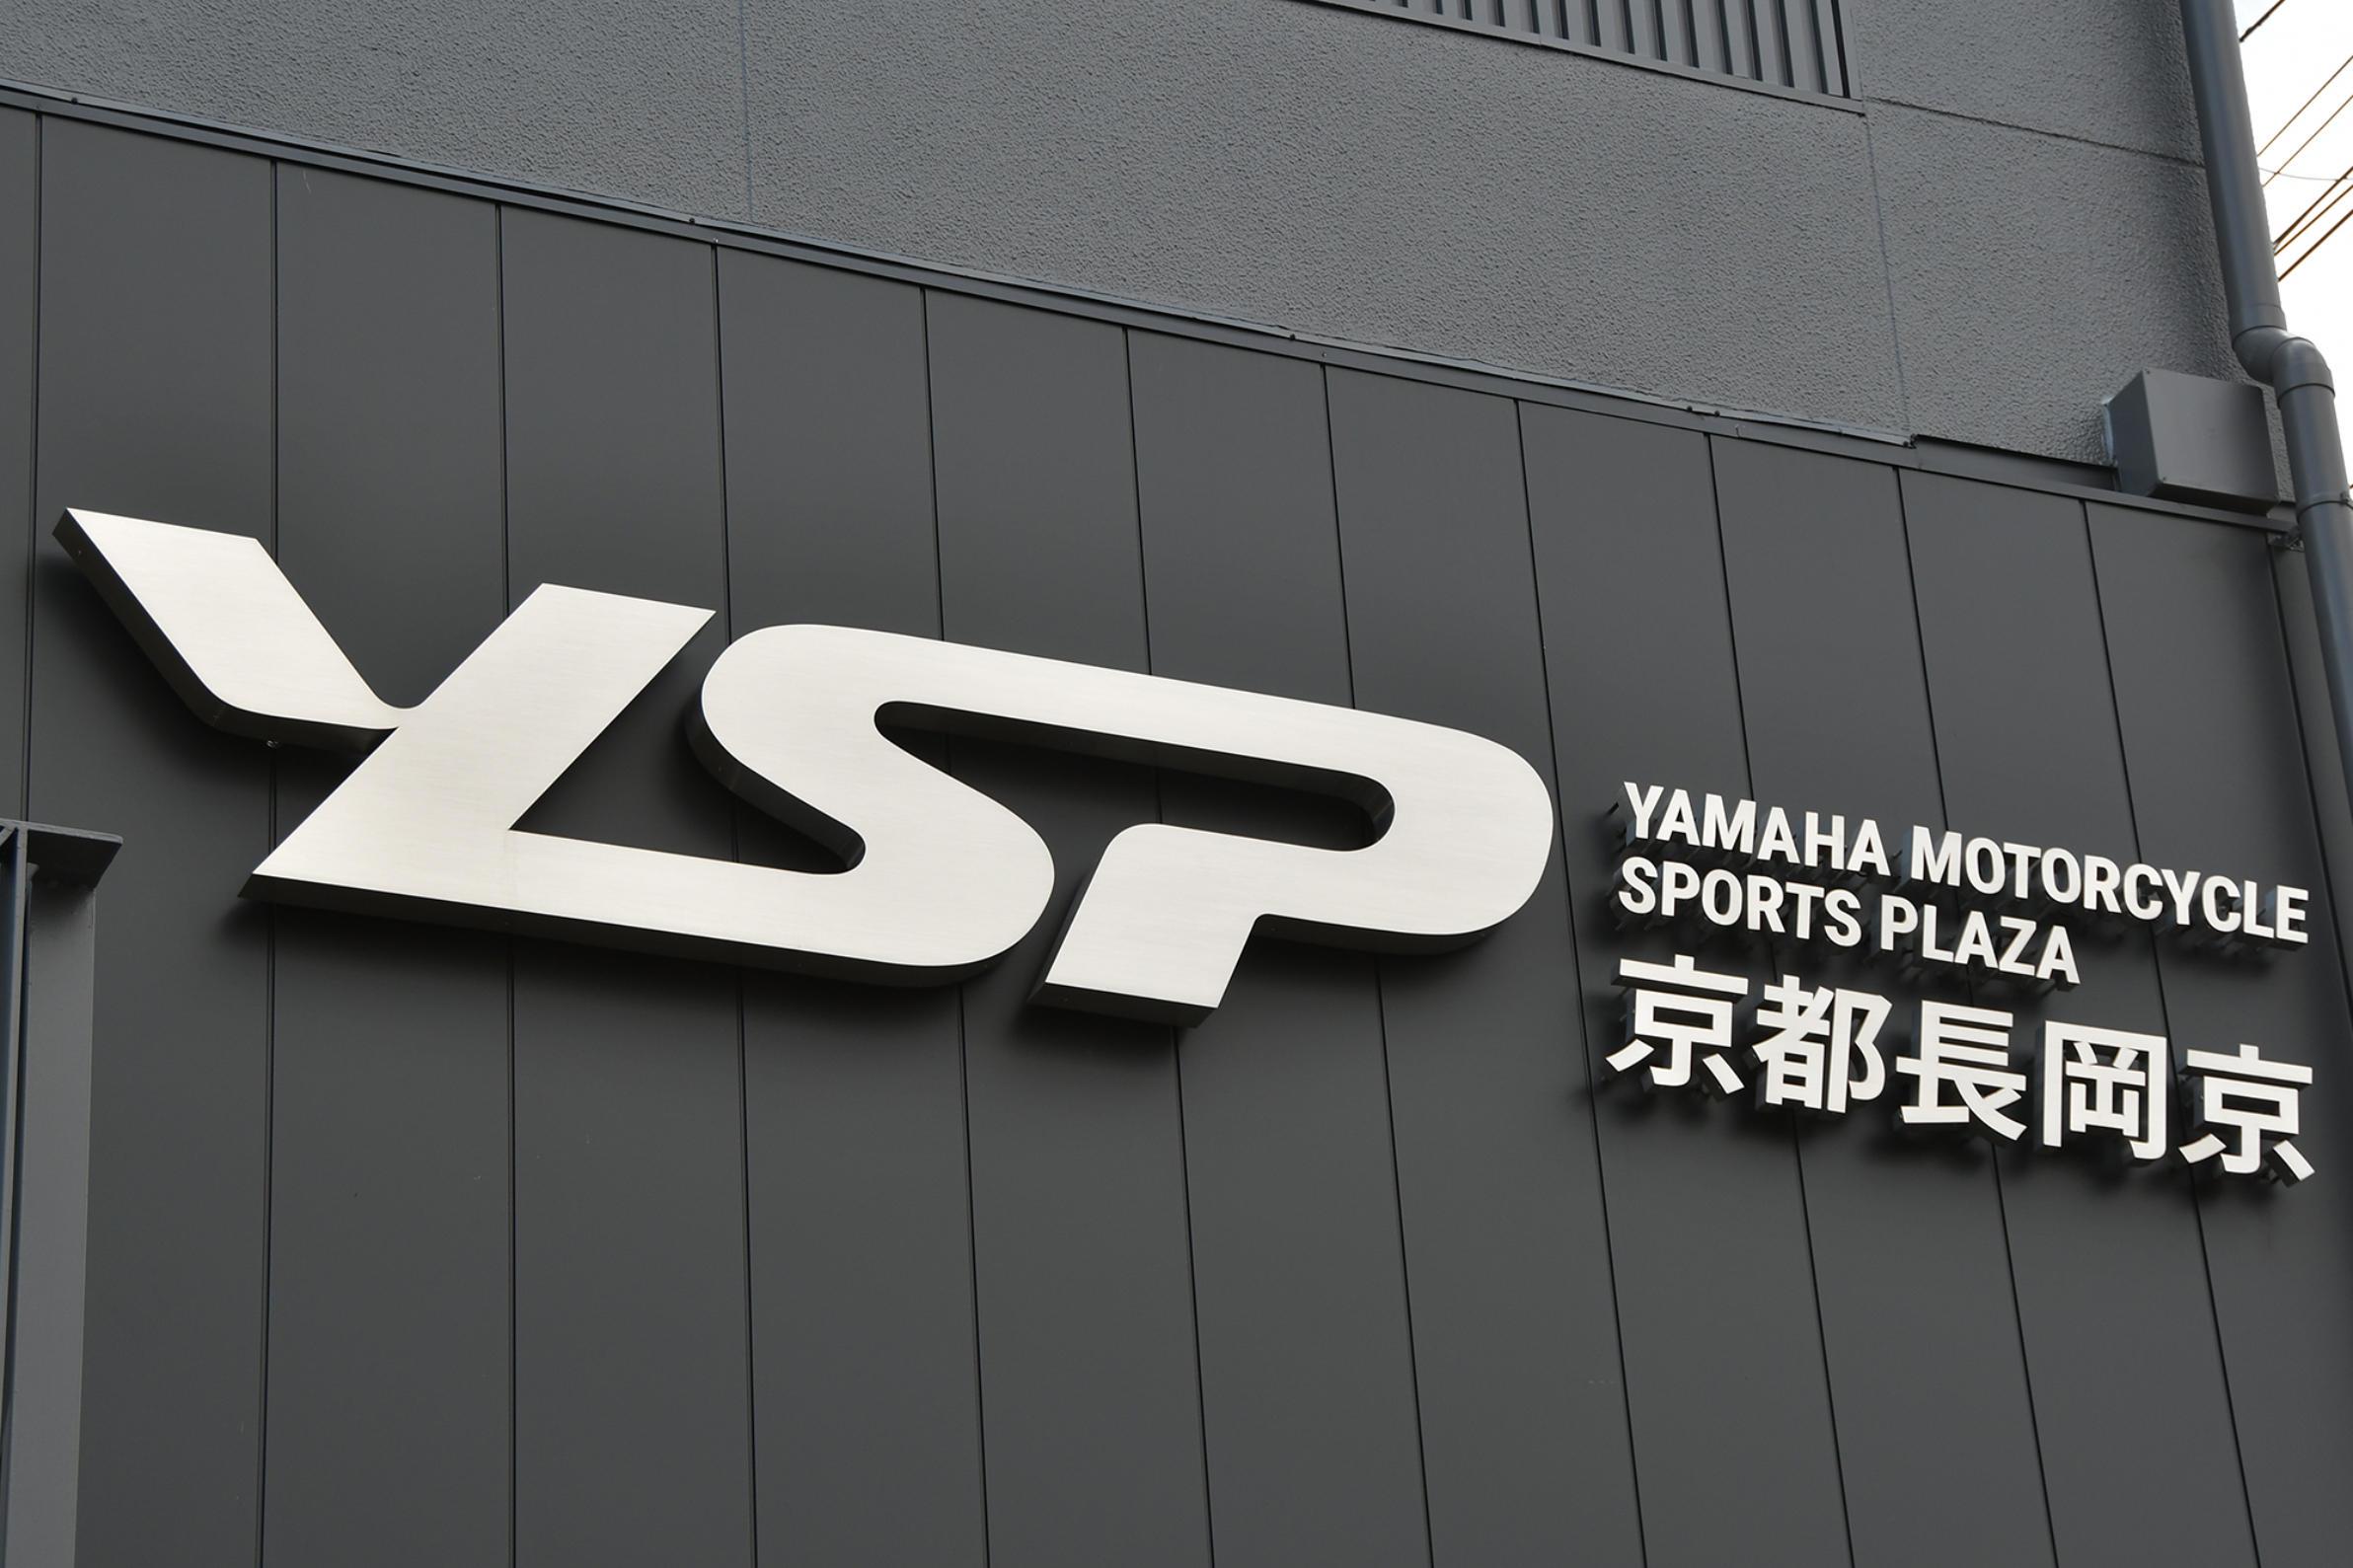 ヤマハスポーツバイク専門店としての豊富な知識と高い技術力にアットホームな雰囲気が心地好いYSP京都長岡京